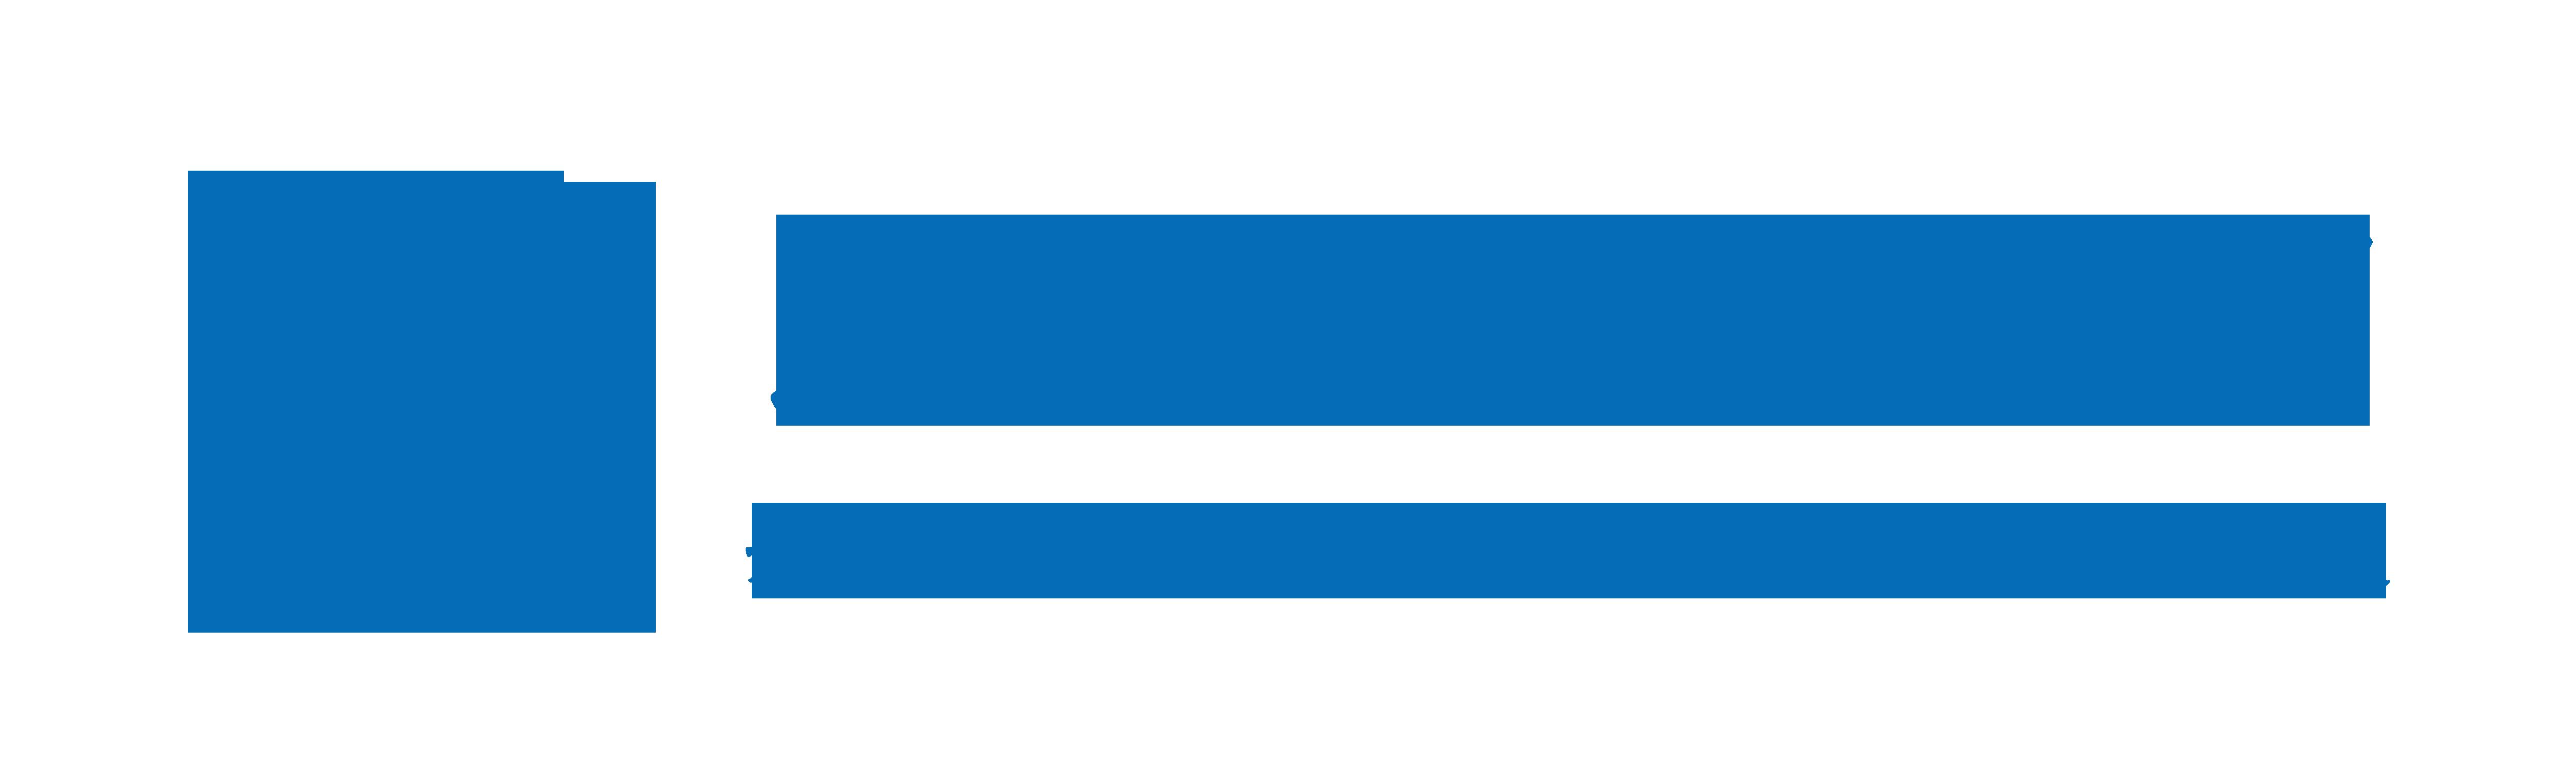 浙江省教师招聘考试经验丨我的考编成功心得